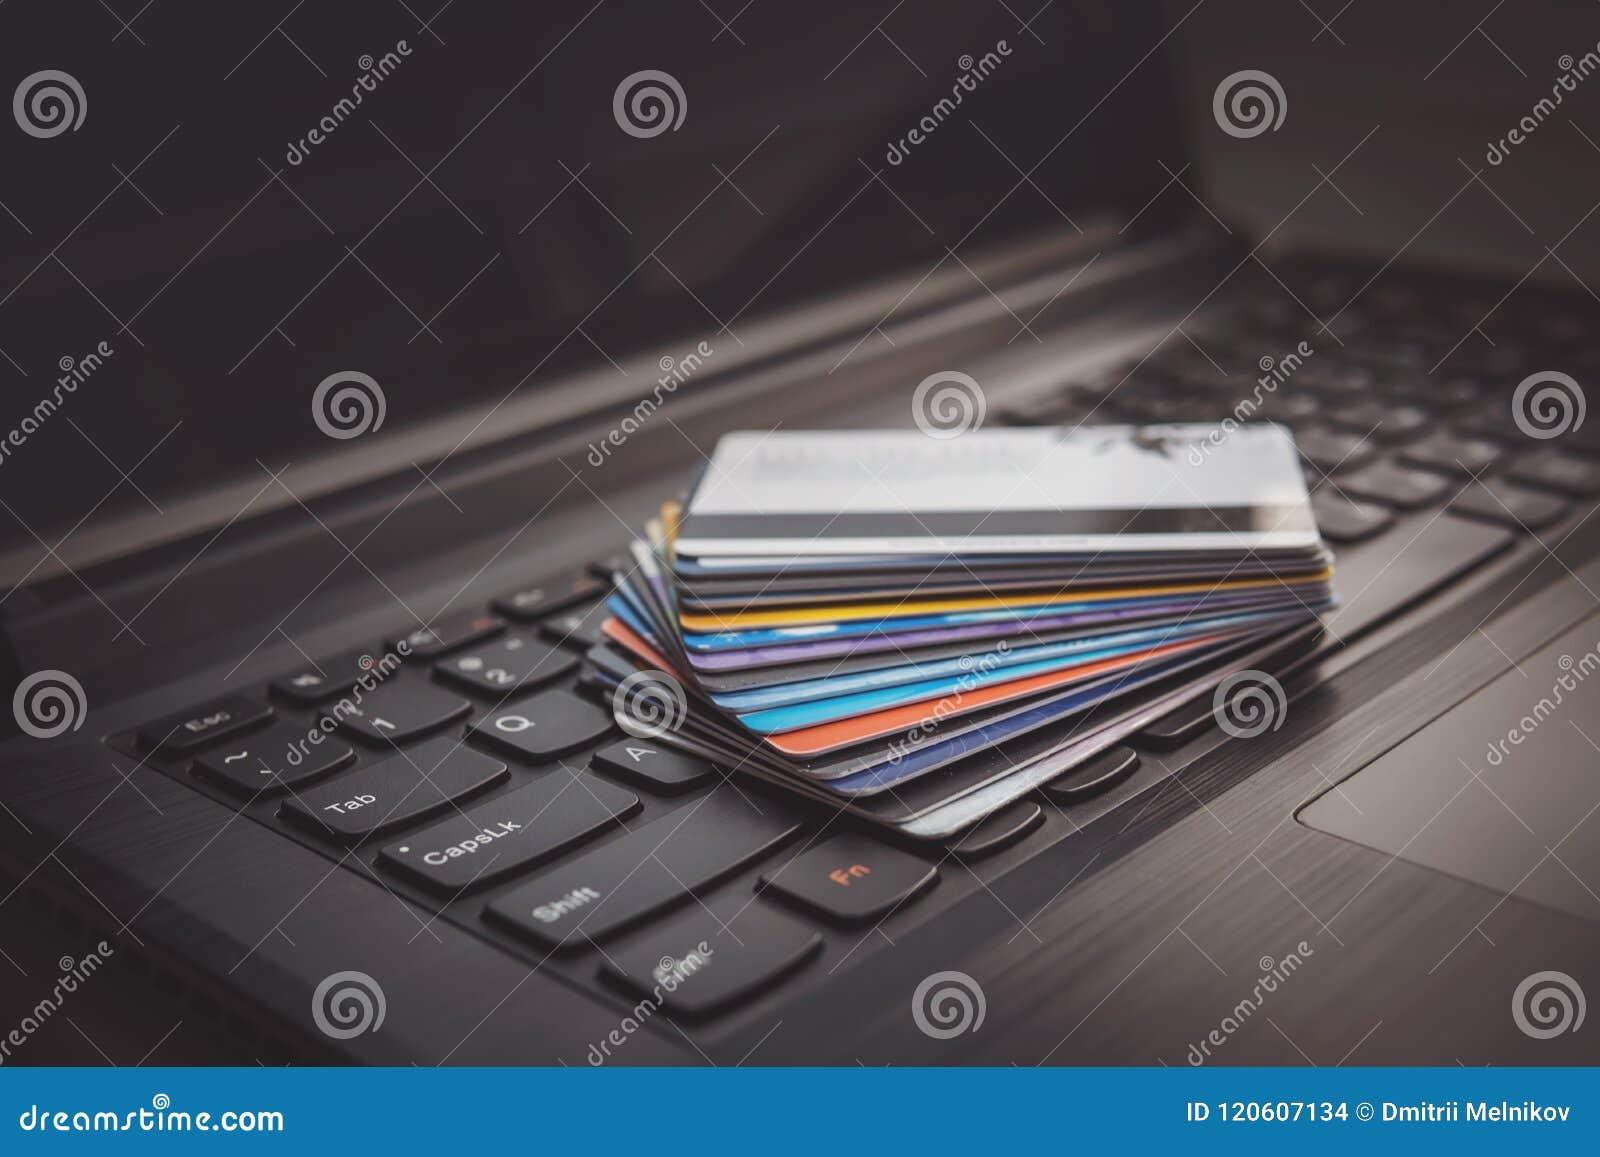 Cartões de crédito no teclado de computador